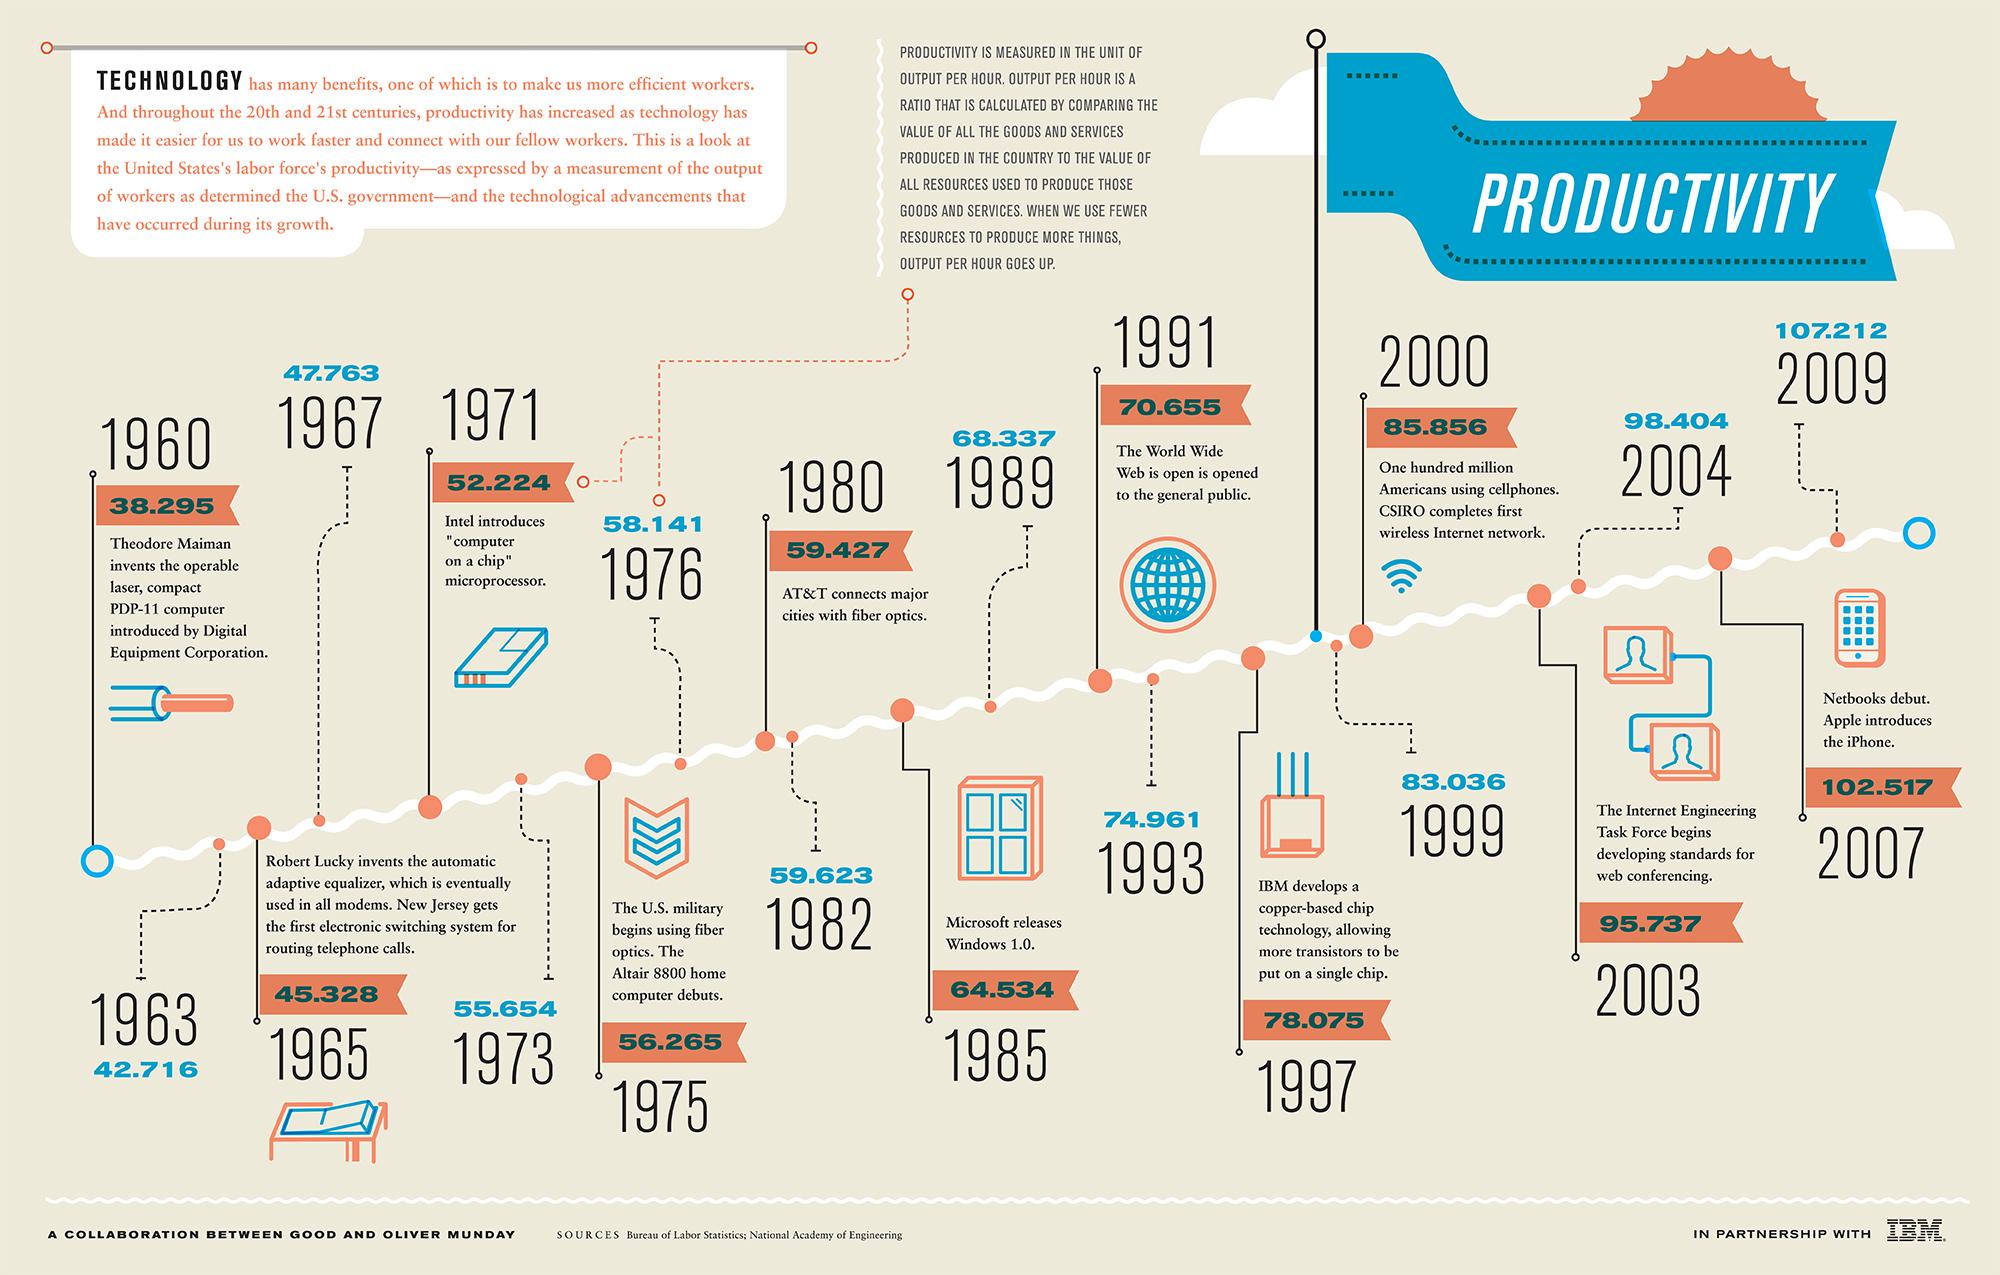 Technologie et productivité - Infographie_IBM